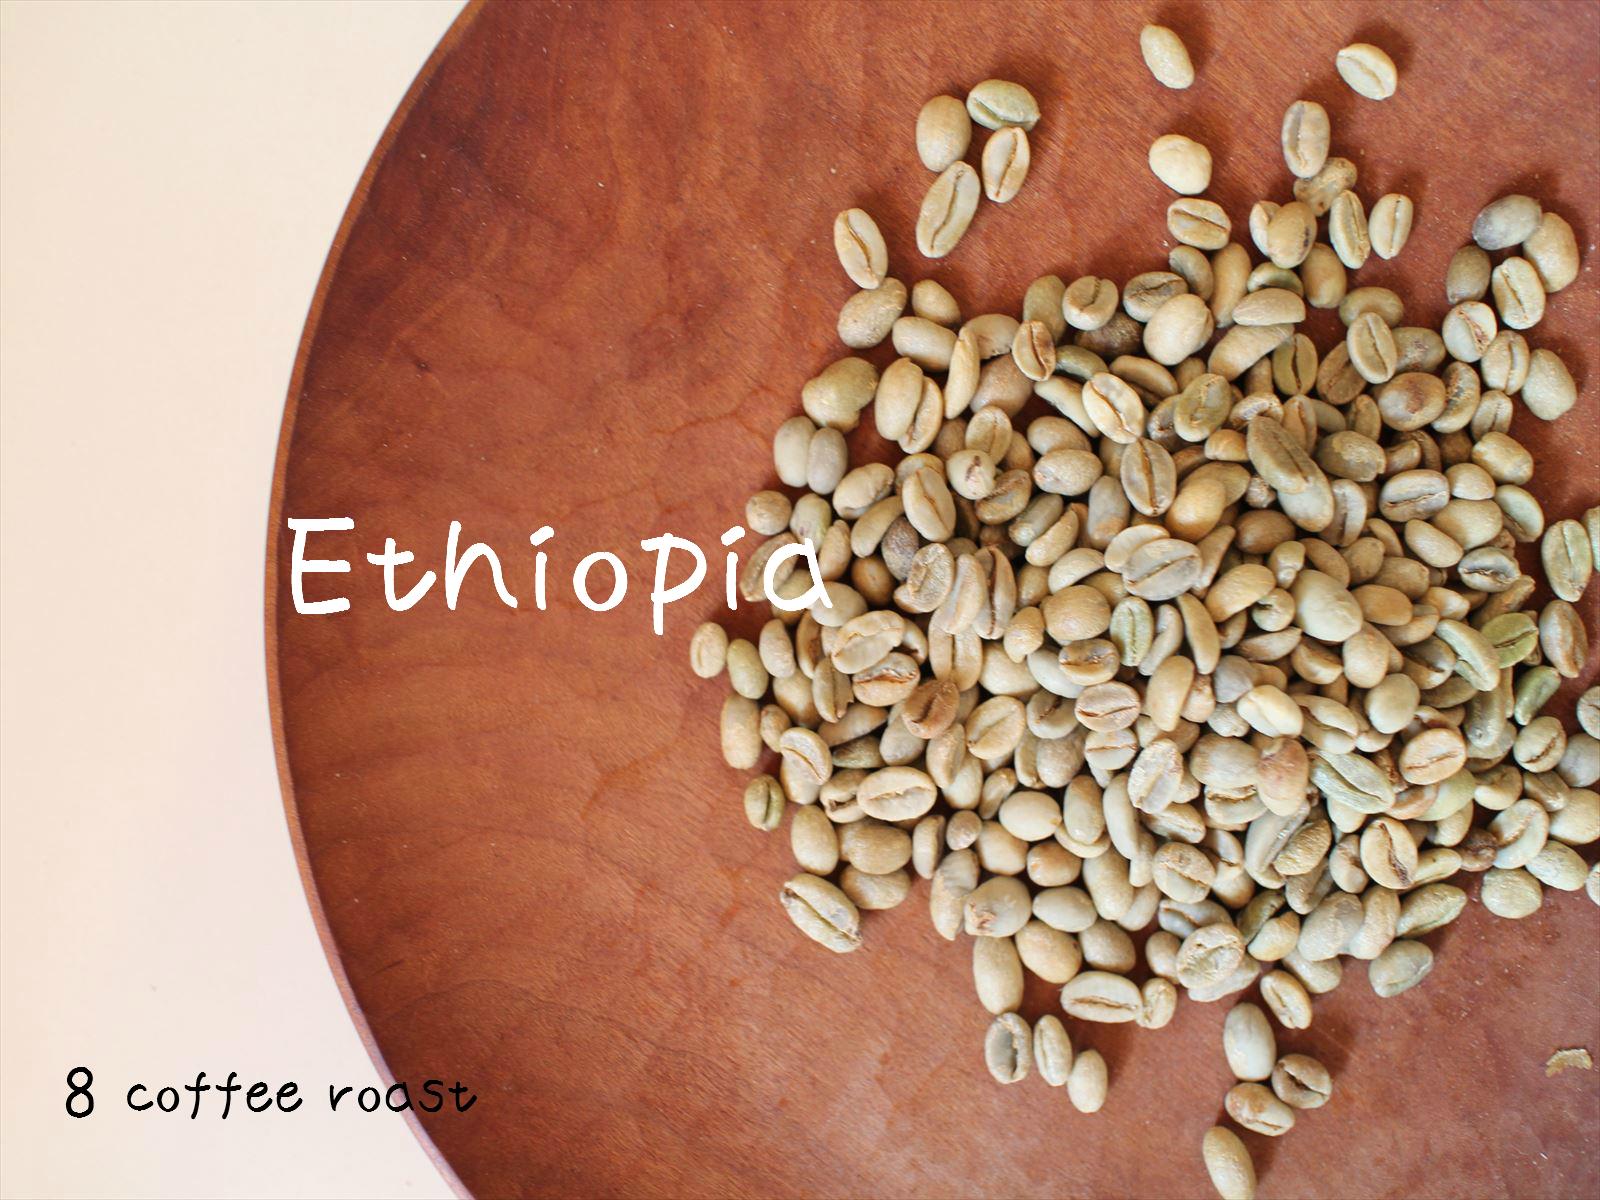 コーヒー生豆 エチオピア 定価の67%OFF 祝開店大放出セール開催中 モカシダモG-4 50g 内容量